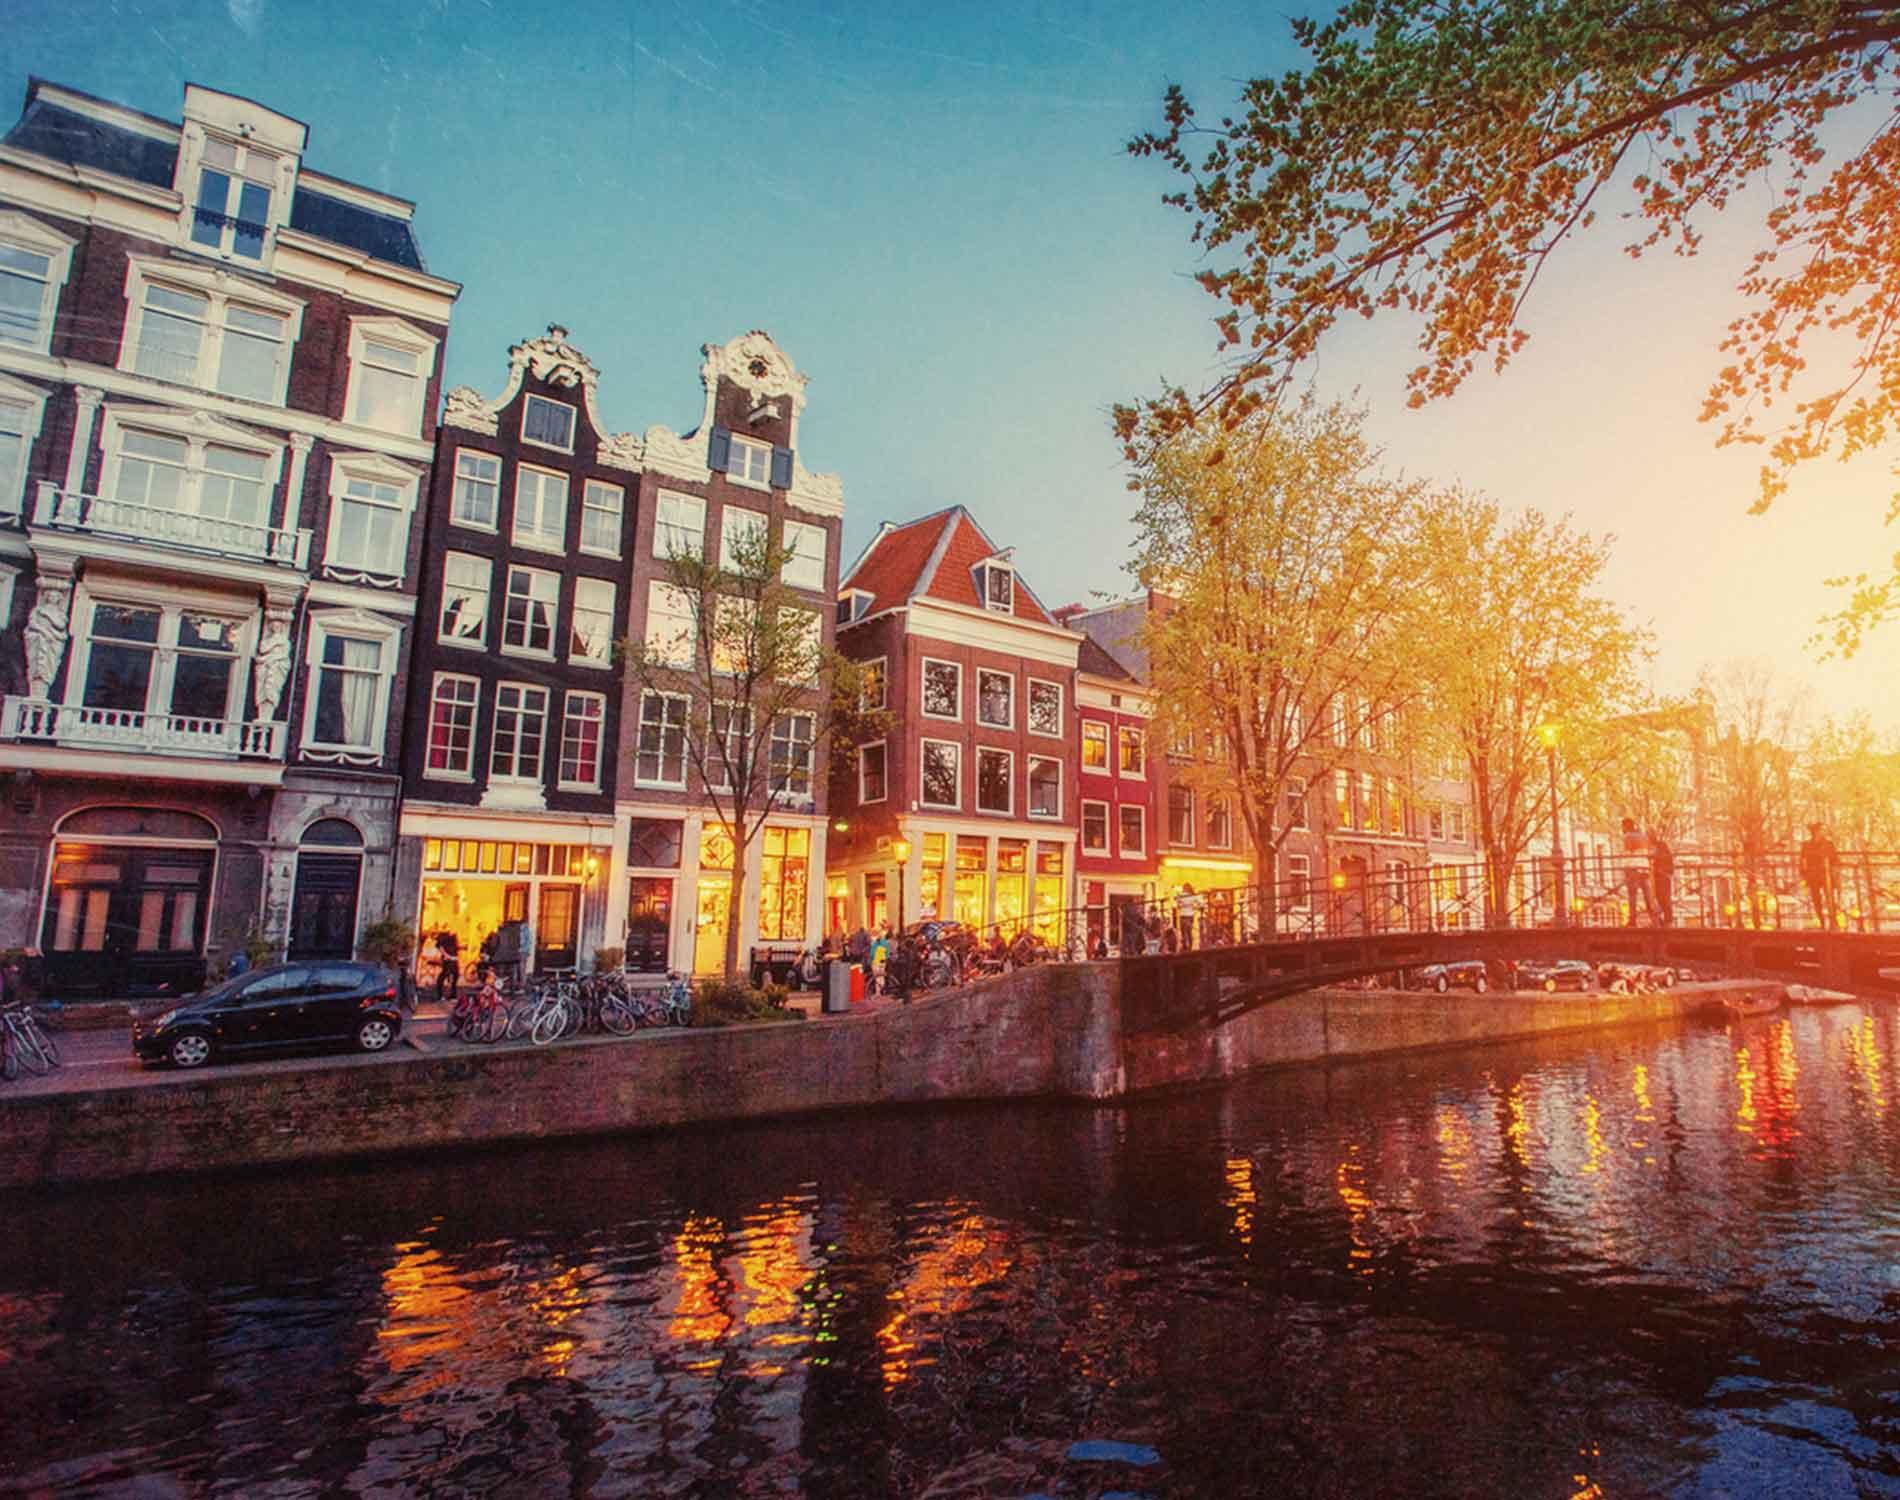 Vuelos baratos a Amsterdam desde Buenos Aires por ARS 19.384 finales